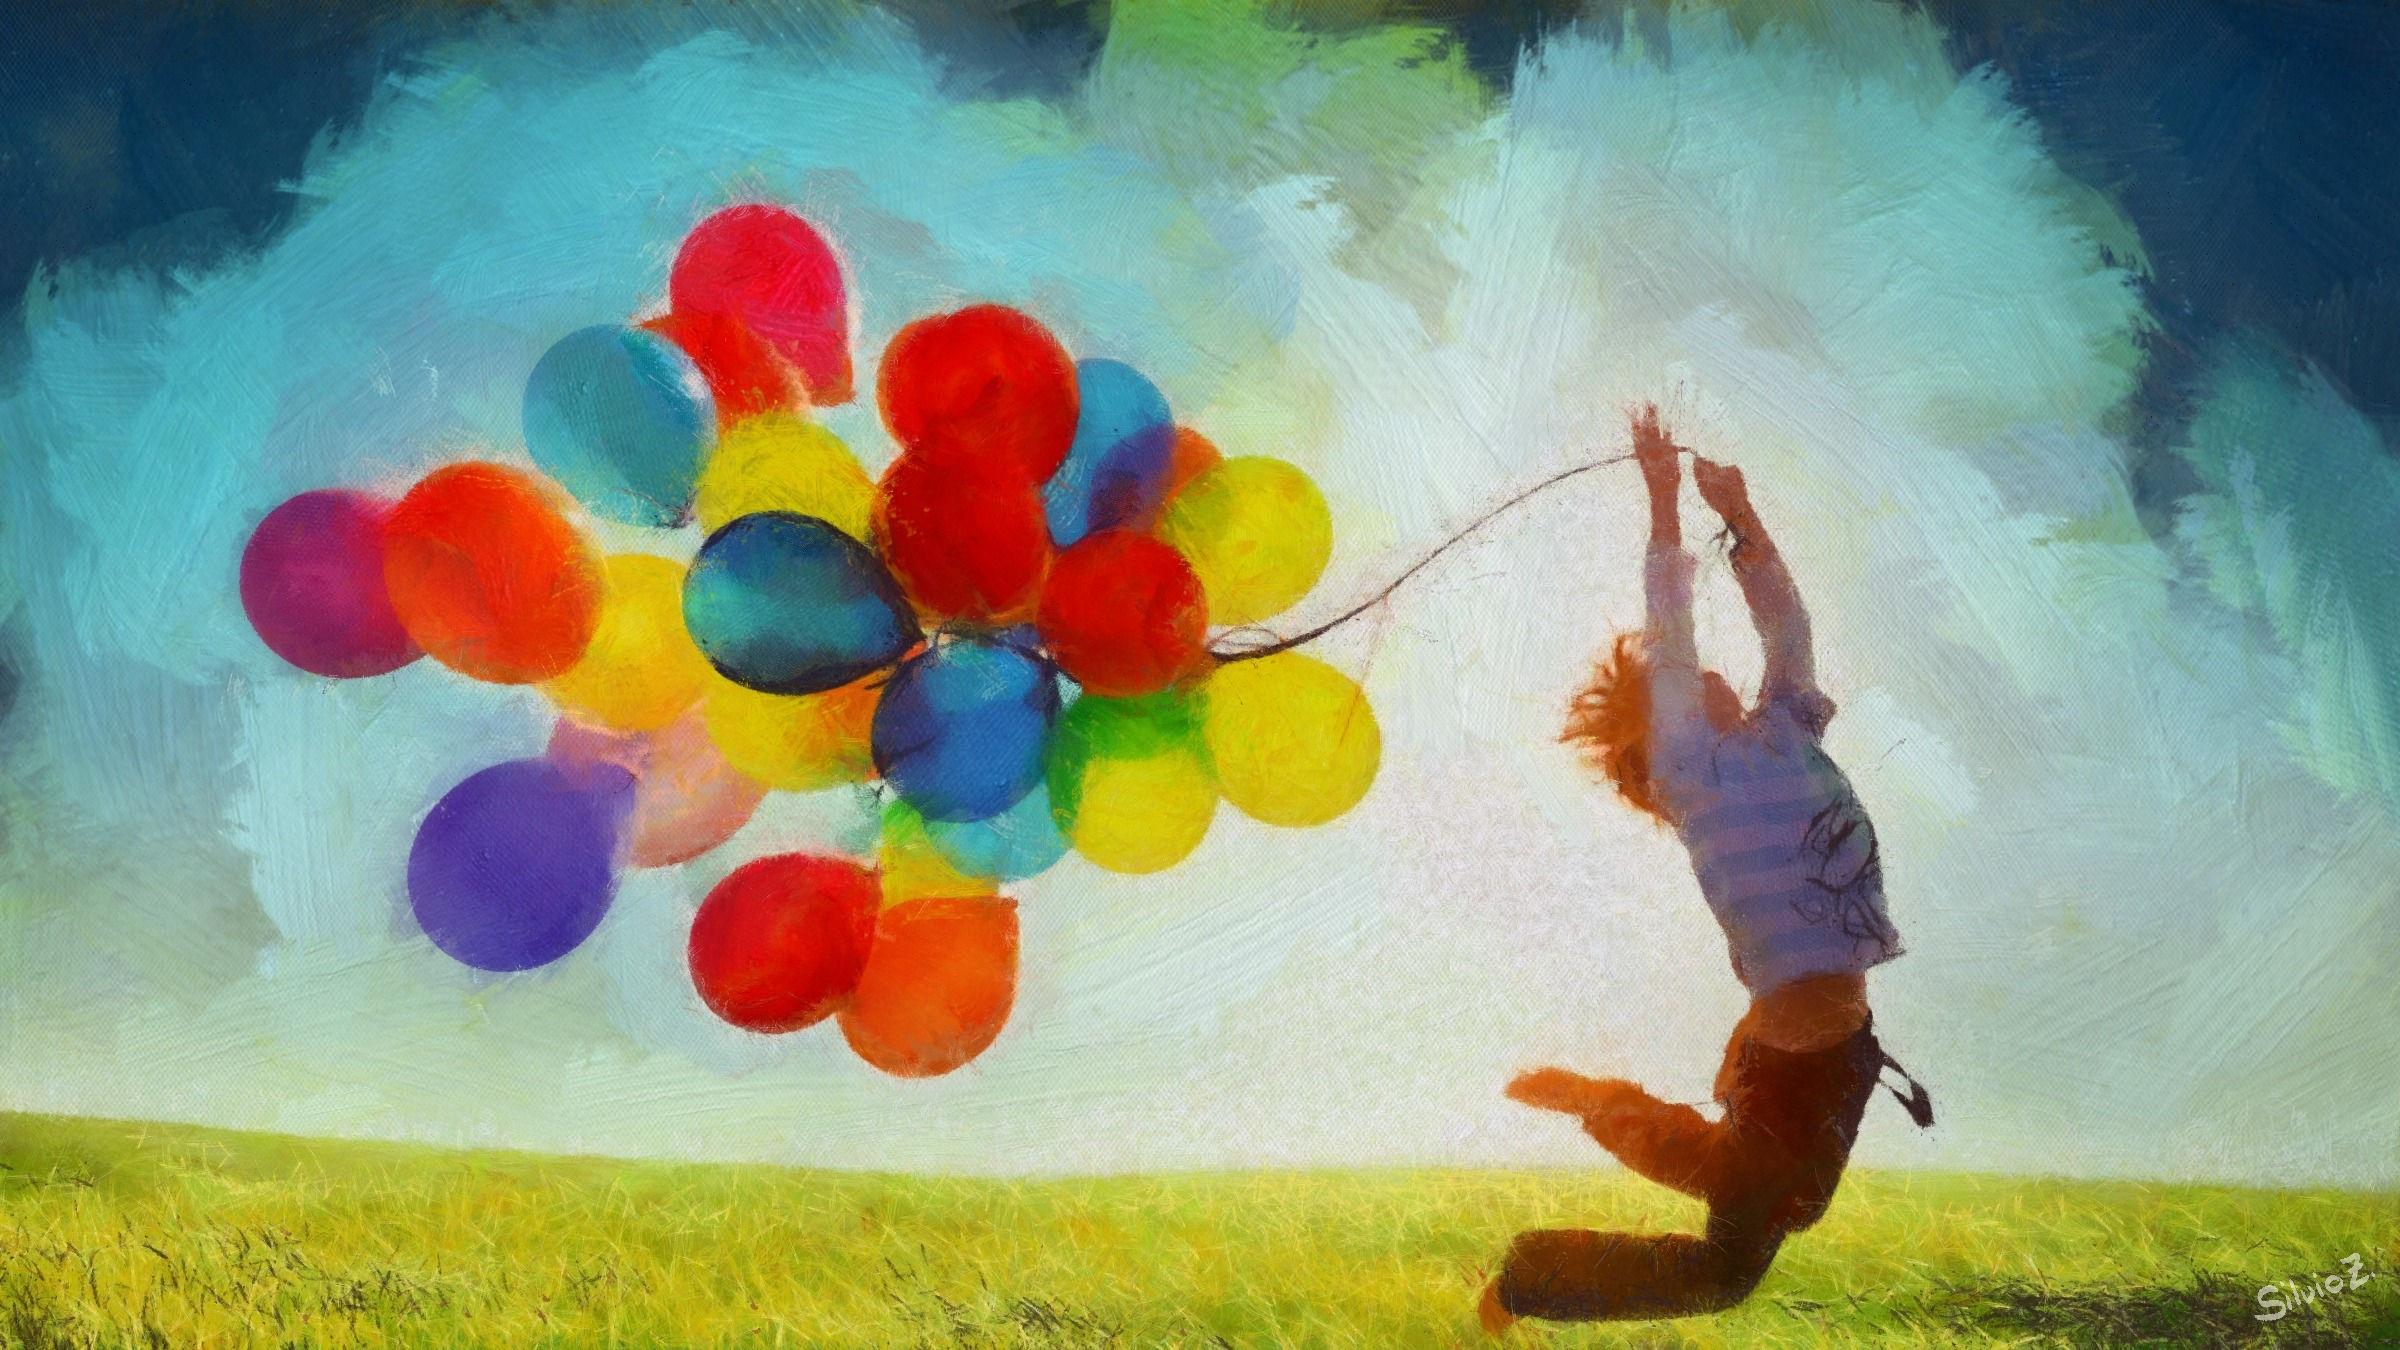 balloons-1615032